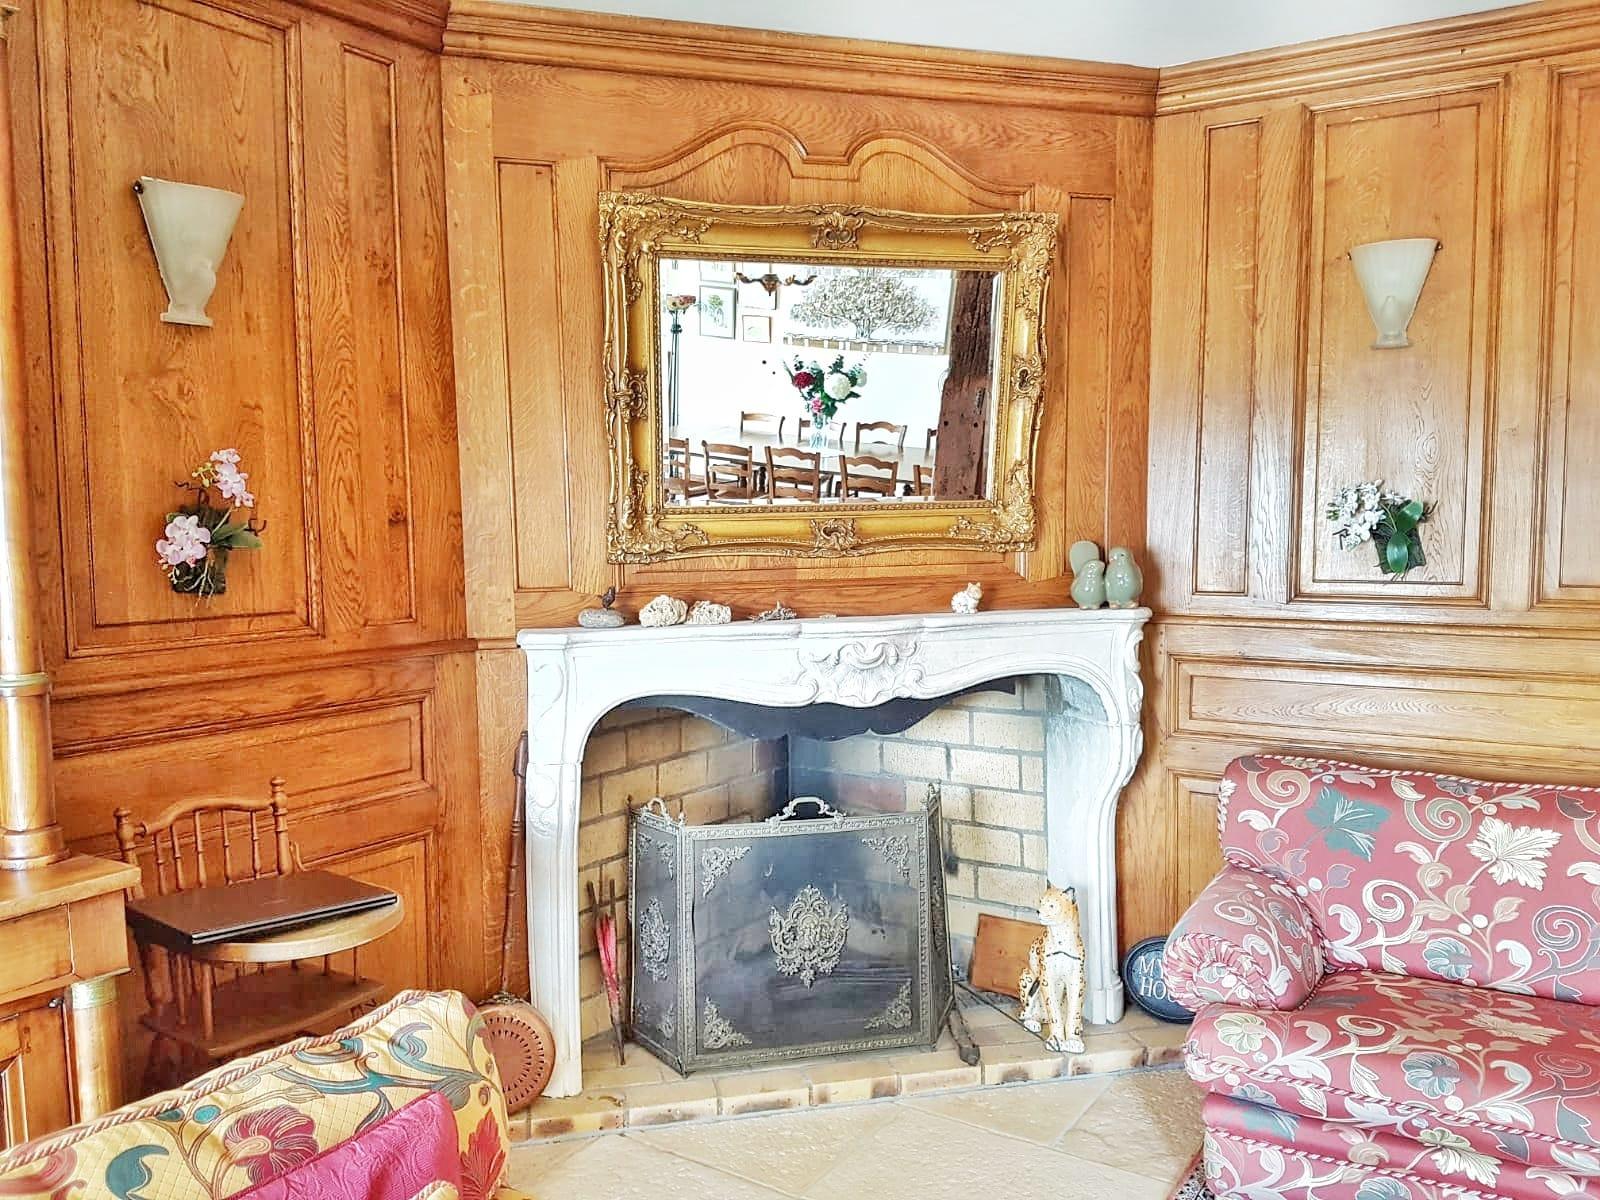 secteur lons le saunier 39000 vendre chambres d 39 h tes village touristique jura 1er plateau. Black Bedroom Furniture Sets. Home Design Ideas